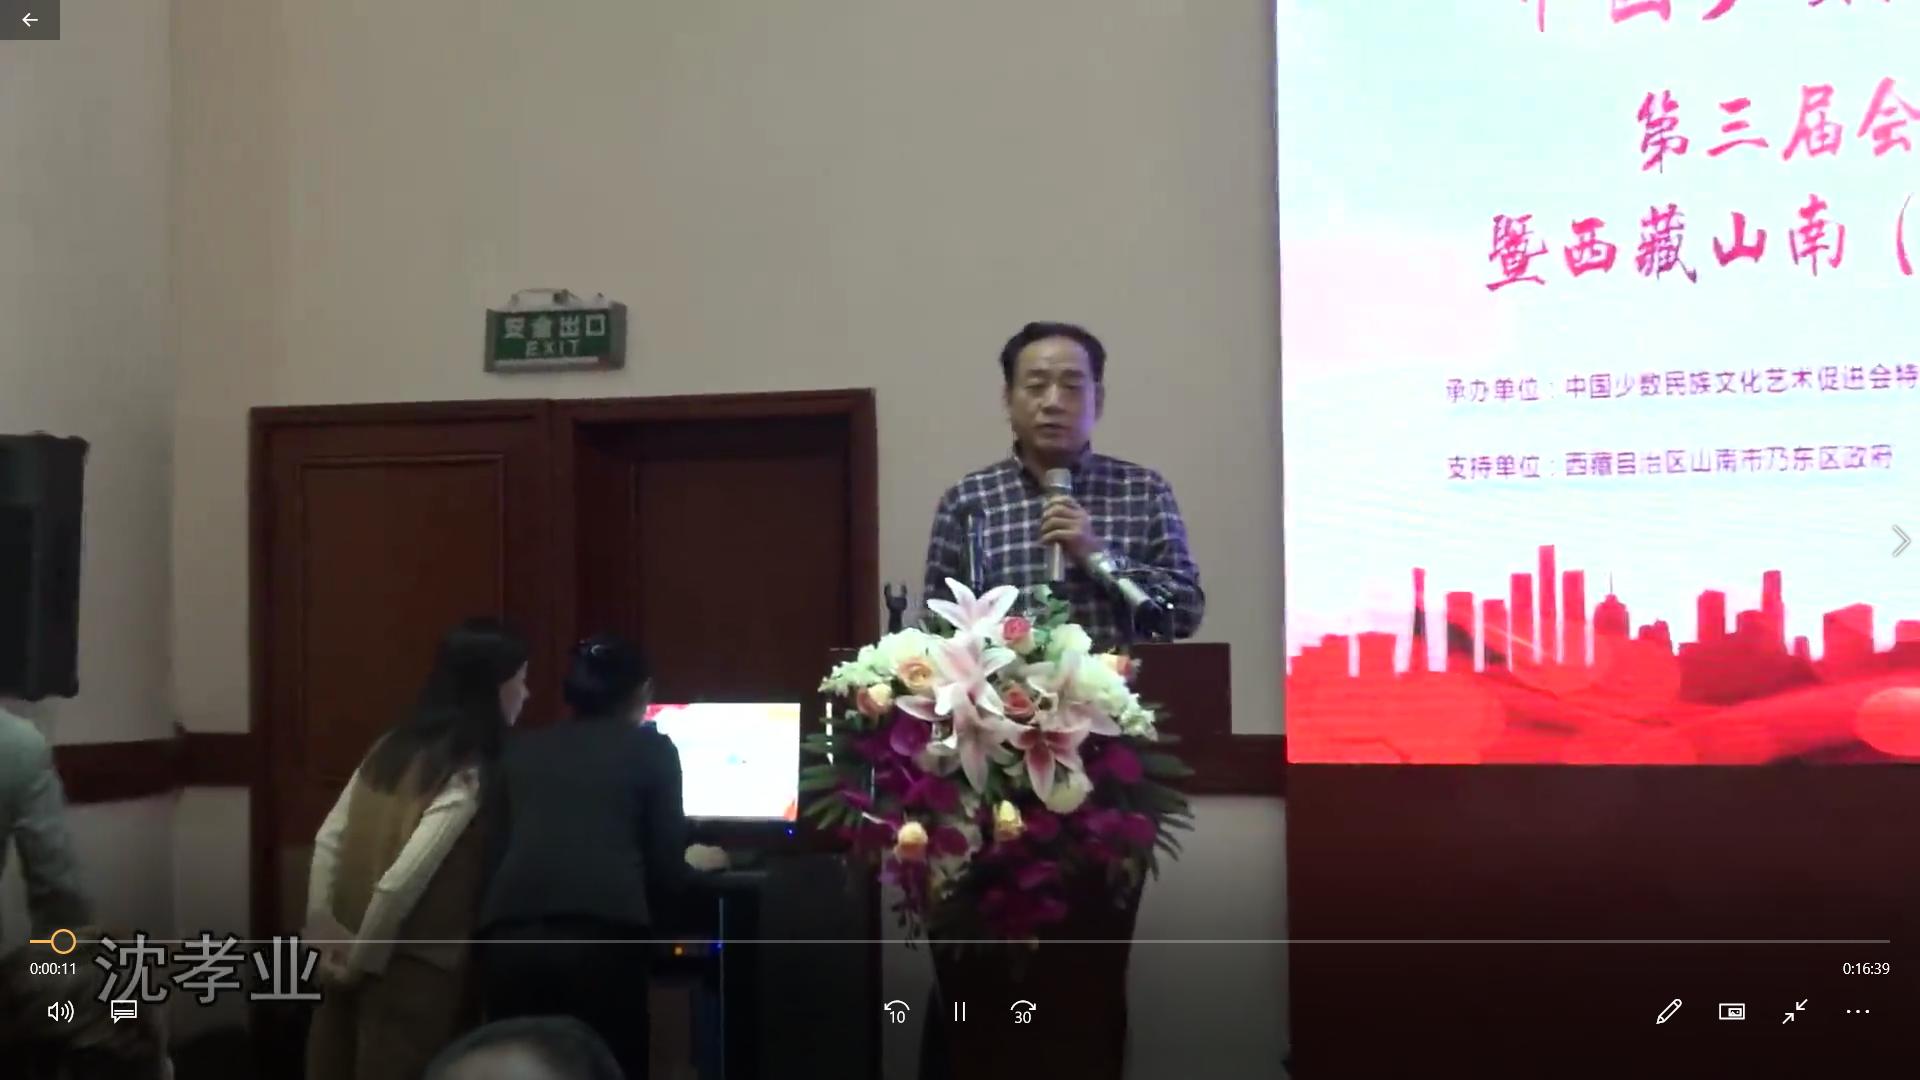 山东乐化集团董事长沈孝业在中国少数民族文化艺术促进会讲话